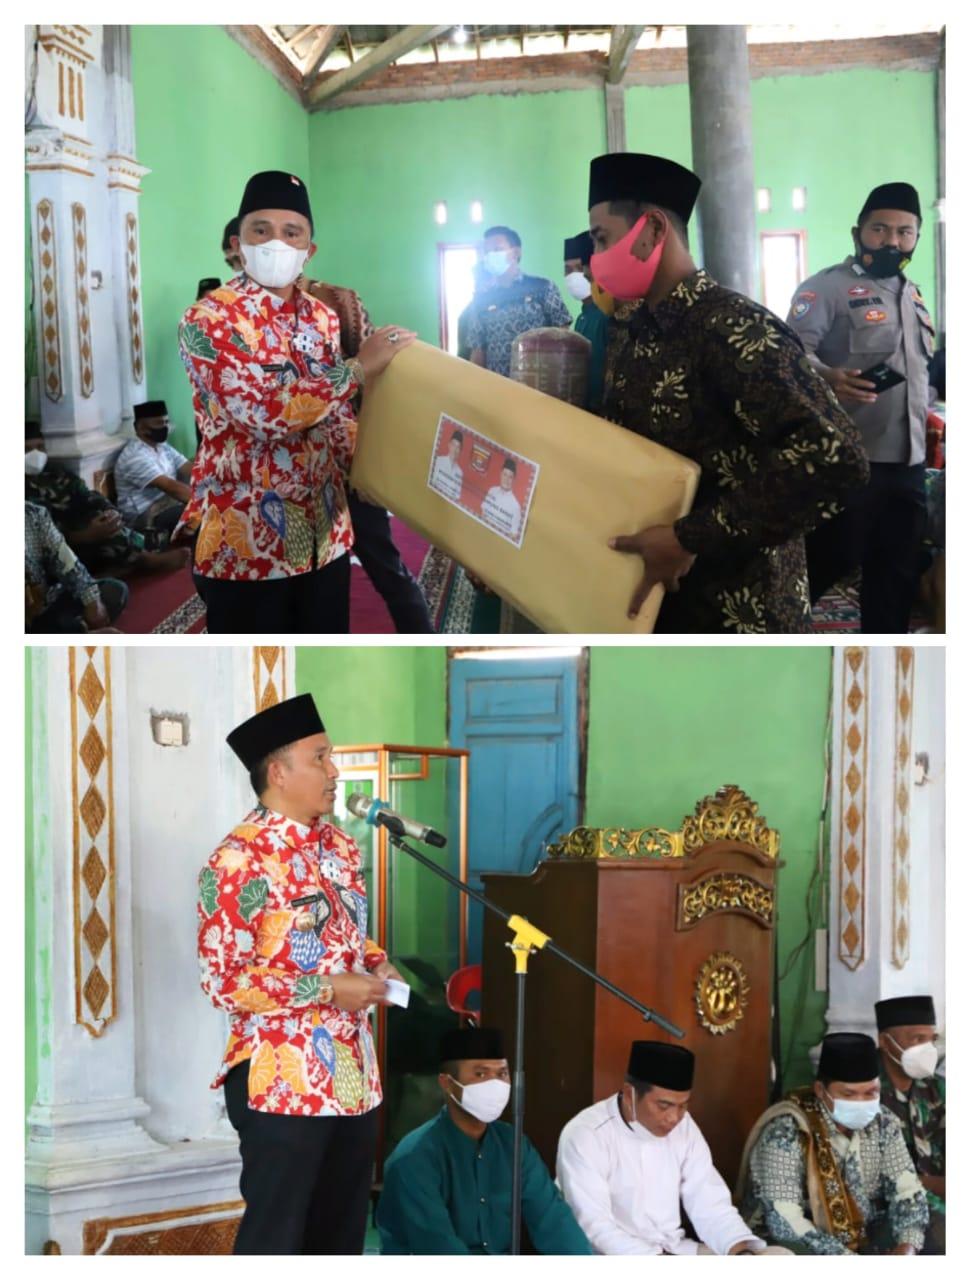 Bupati Lampung Barat Parosil Mabsus Melakukan Kegiatan Rutin Safari Jum'at di Pematang Liu Pekon Padang Cahya